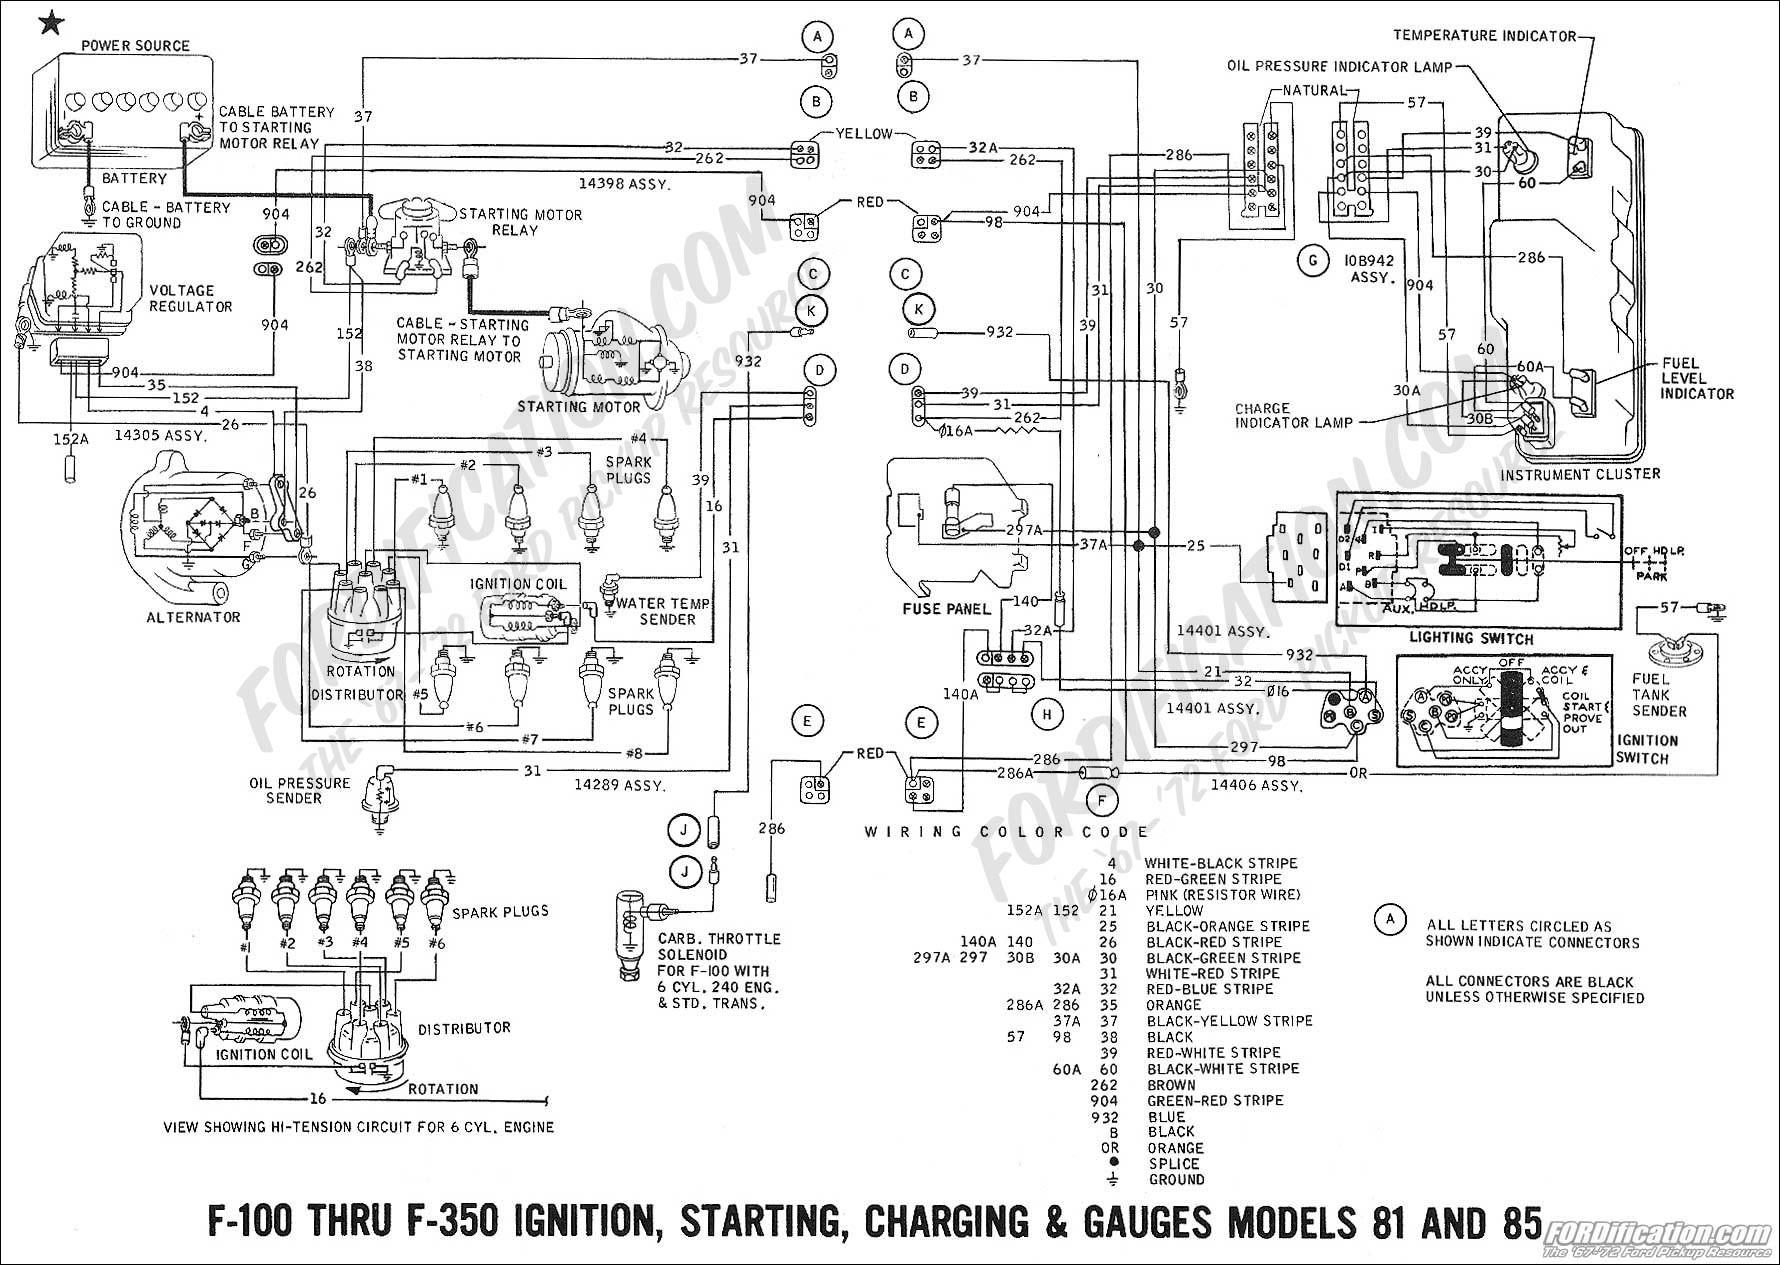 2000 saturn engine diagram